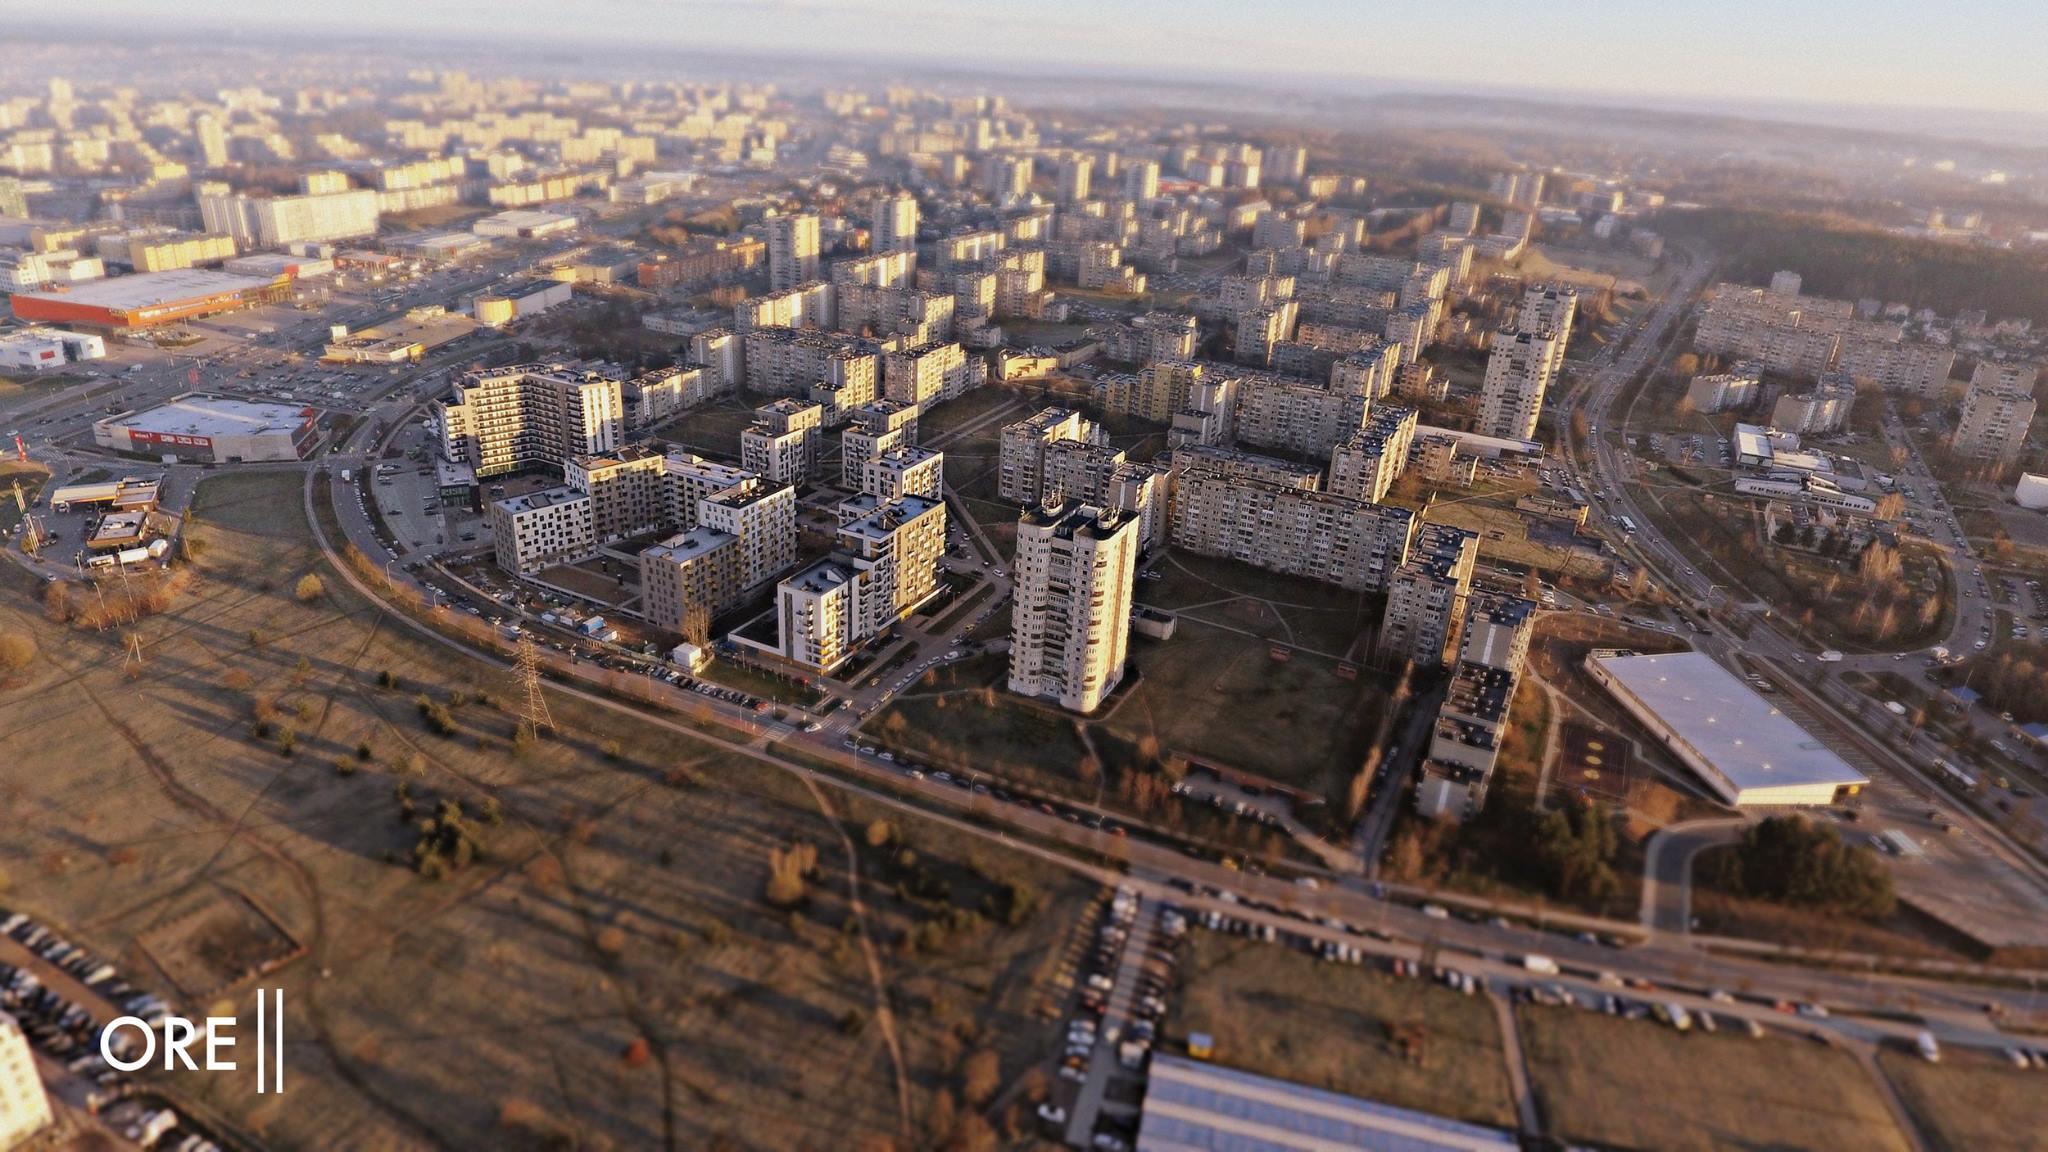 Fabijoniškės - čtvrť, kde se natáčel seriál Černobyl